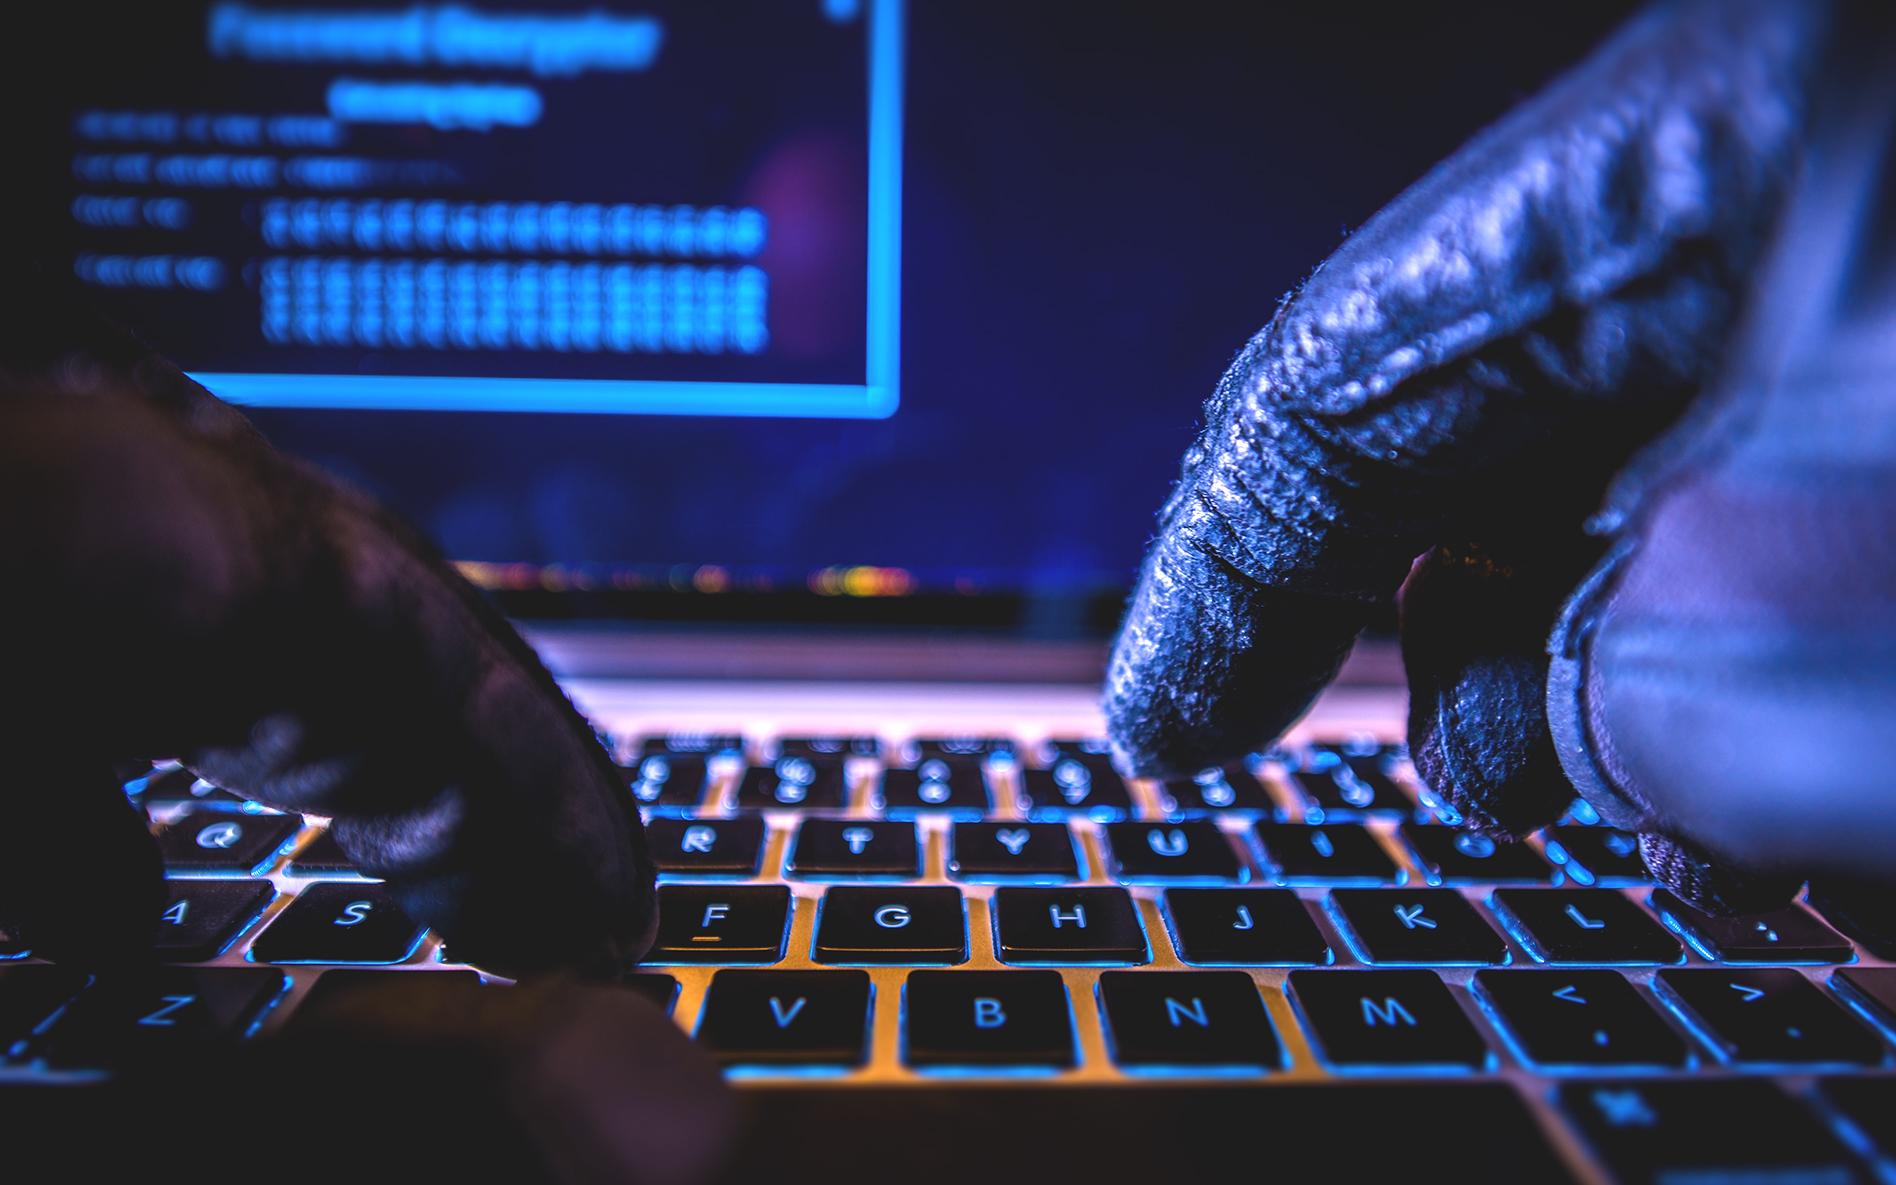 Imagem de Google é hackeada e promove golpe de criptomoedas no Twitter no tecmundo